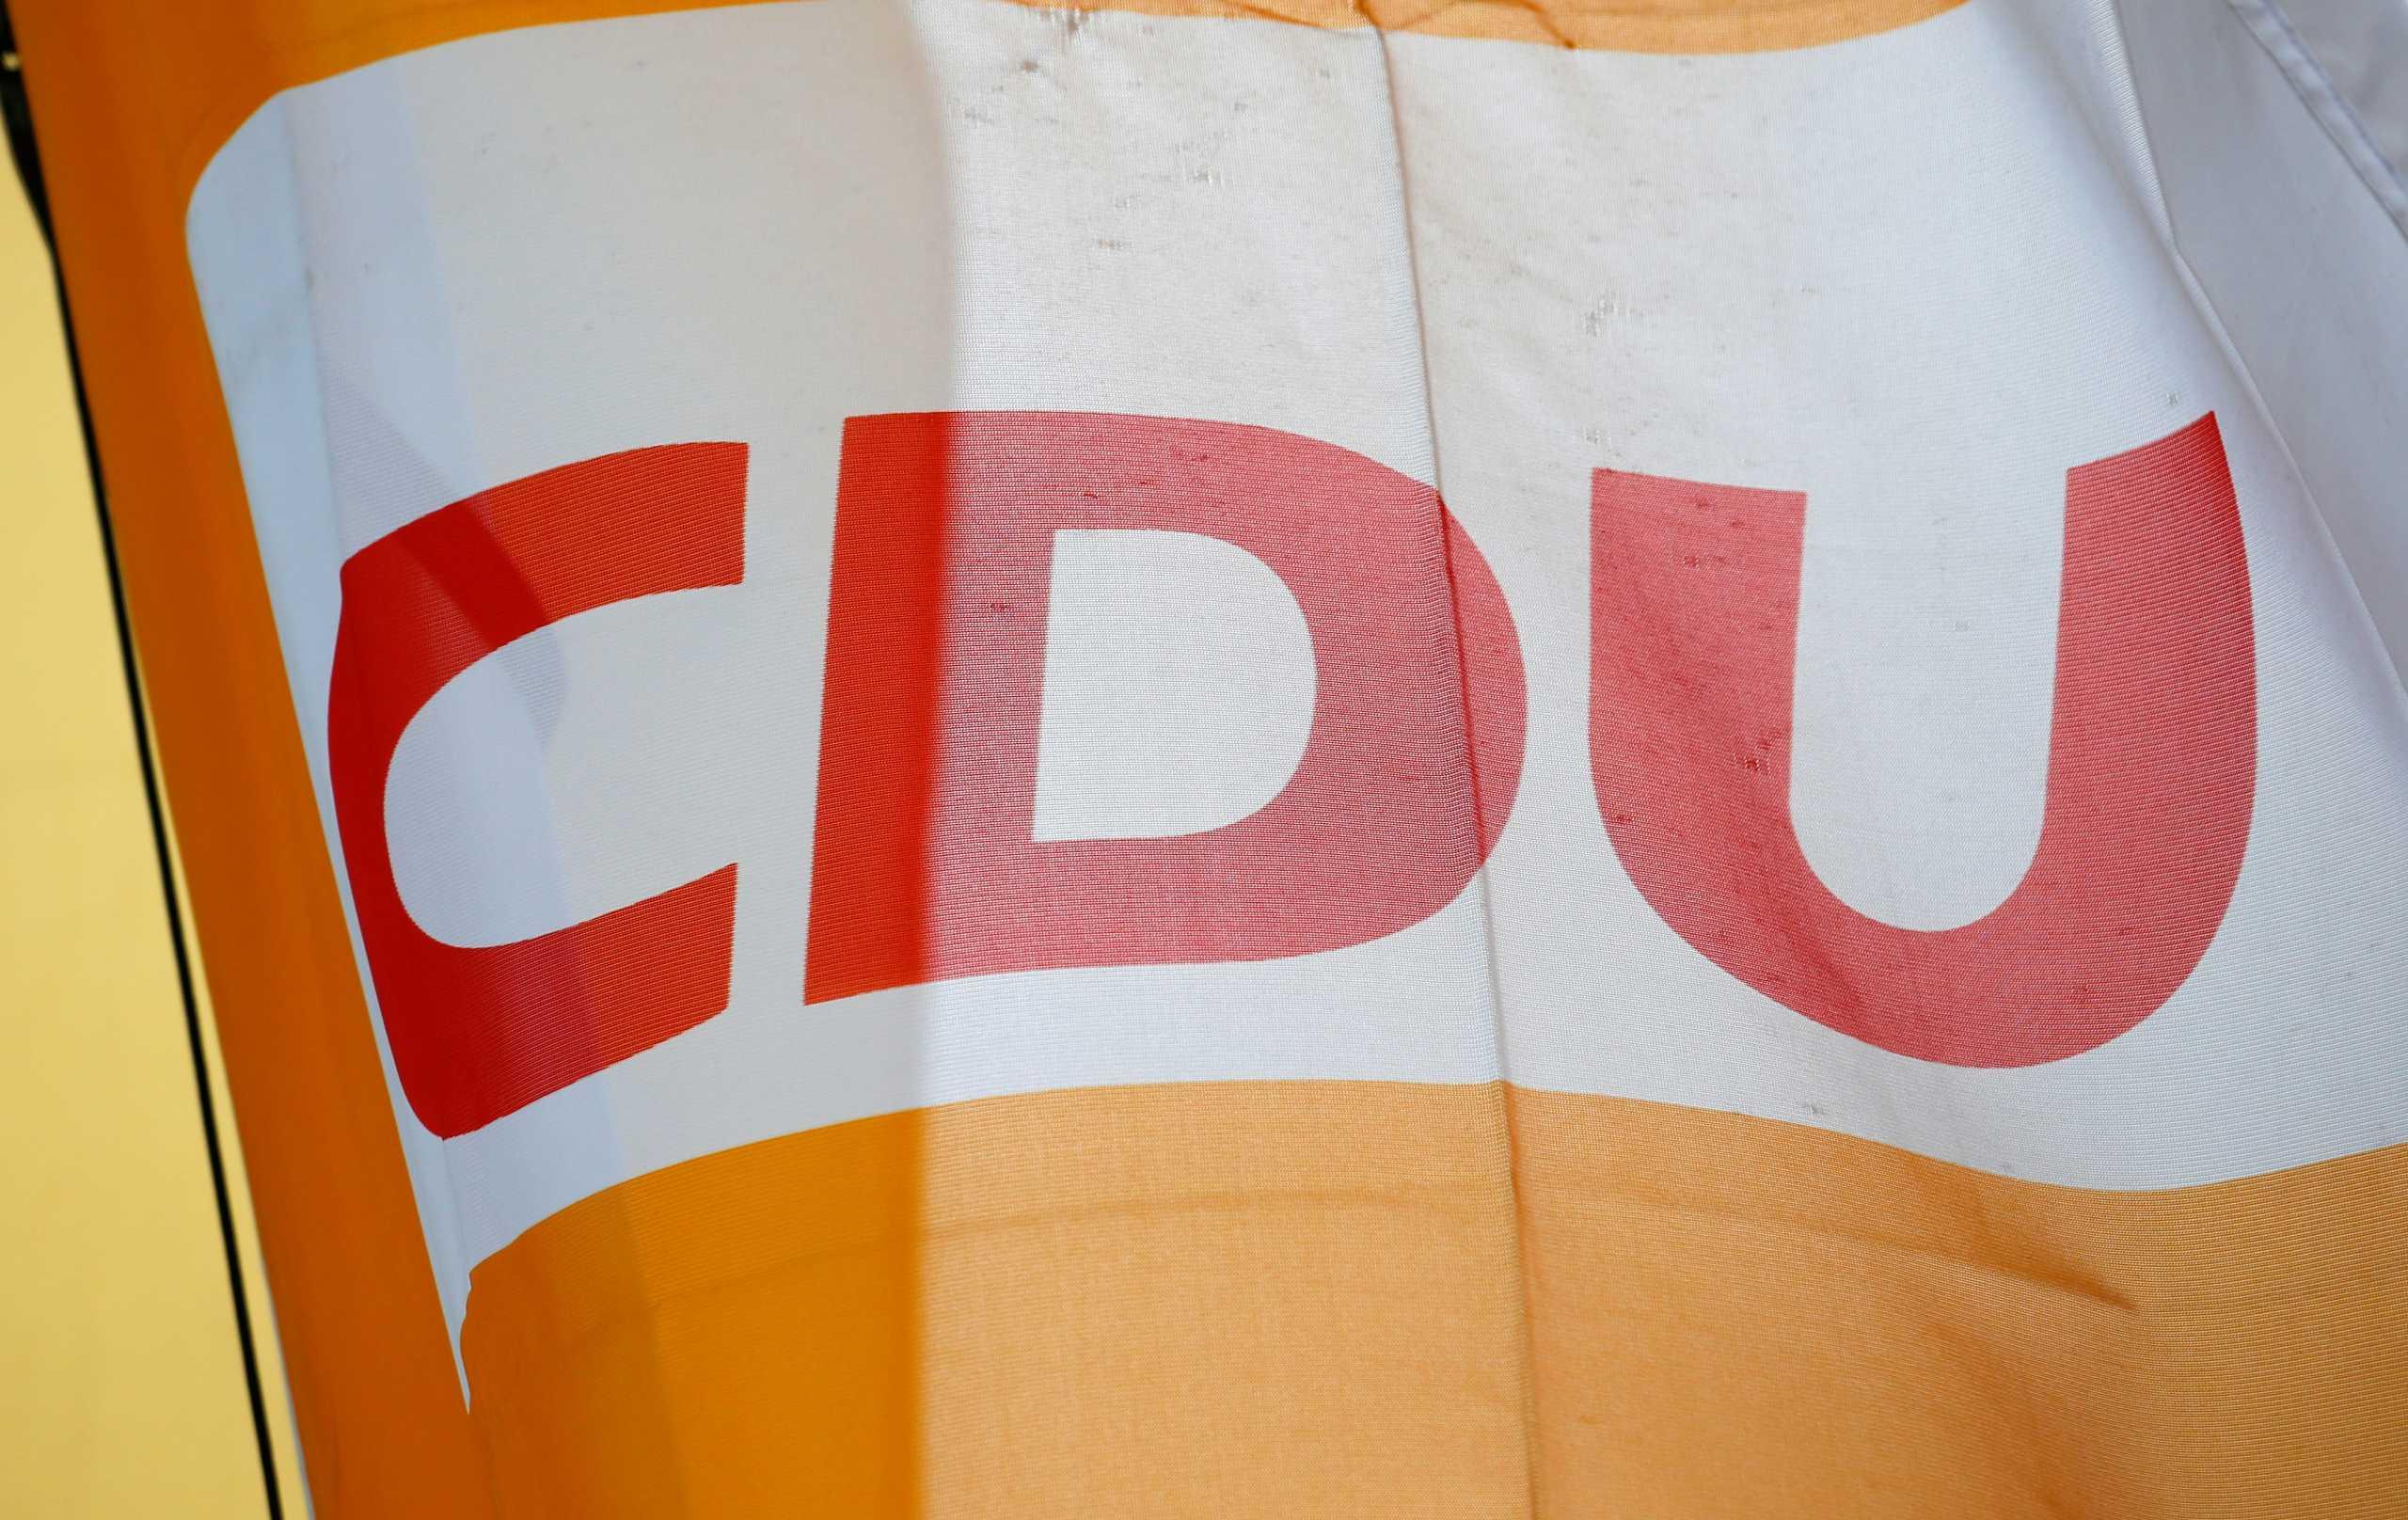 Γερμανία: Άκαρπες οι διαβουλεύσεις στην Χριστιανική Ένωση για τον «εκλεκτό» υποψήφιο καγκελάριο